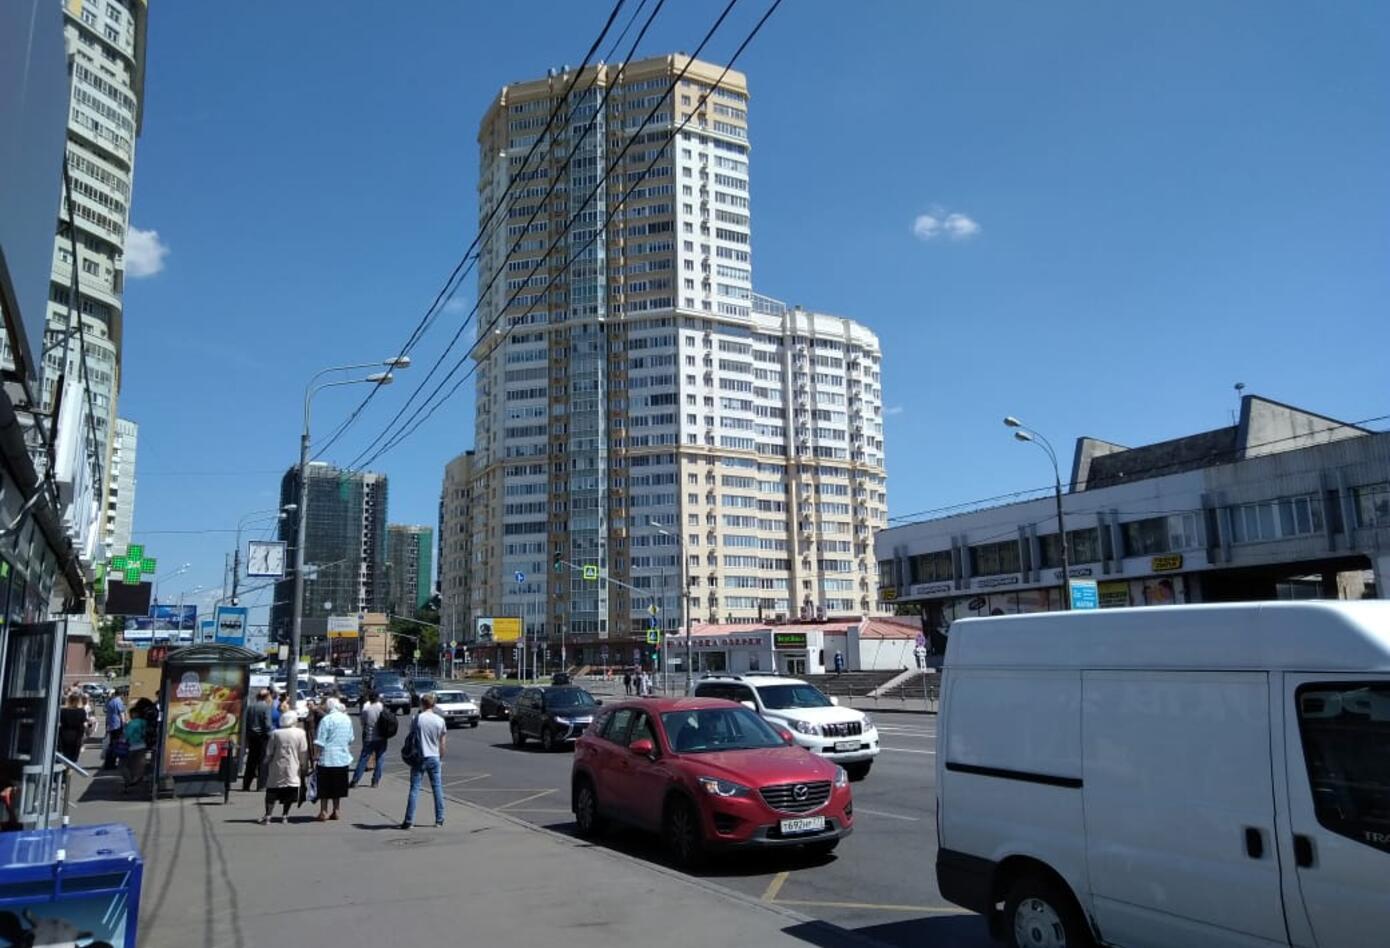 La arquitectura de Moscú comienza a cambiar con el recorrido.